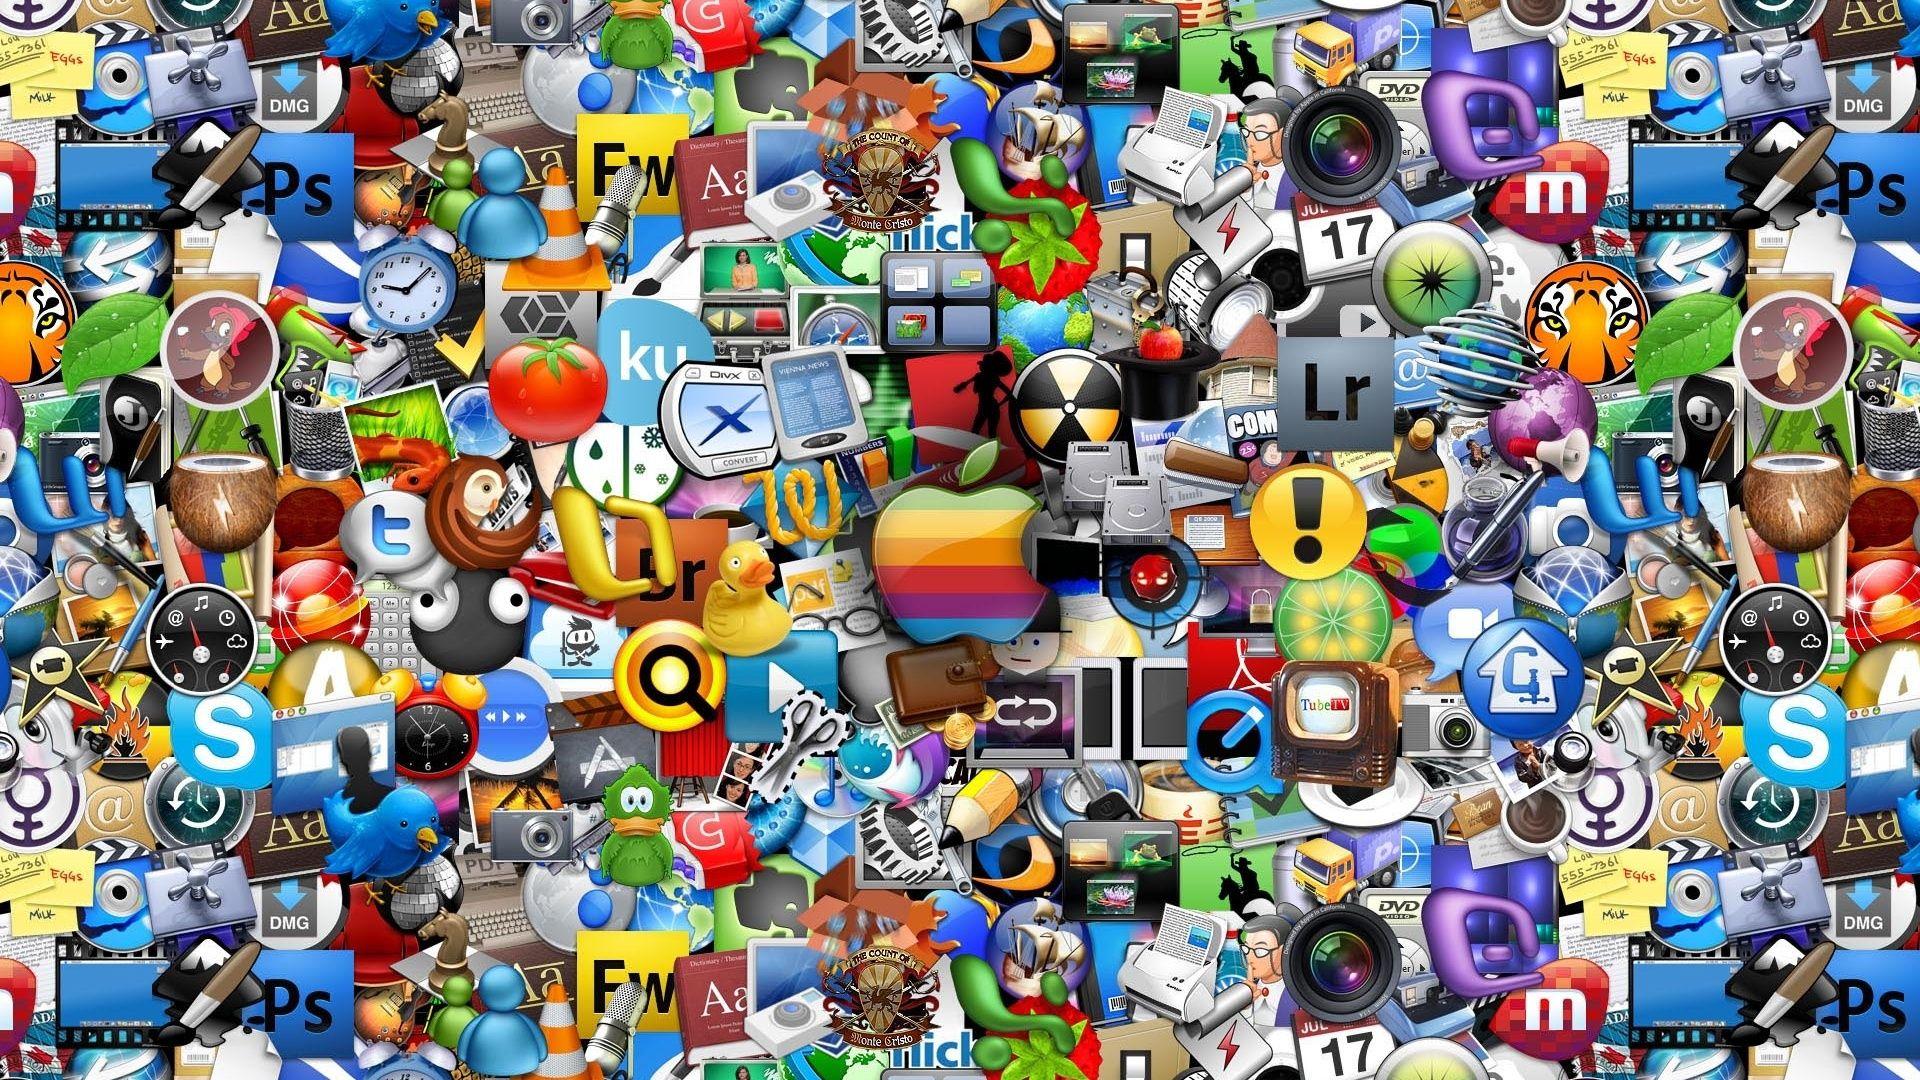 Most Inspiring Wallpaper Logo Collage - 52015e835070d35dedca7807ff030af1  Collection_932773.jpg